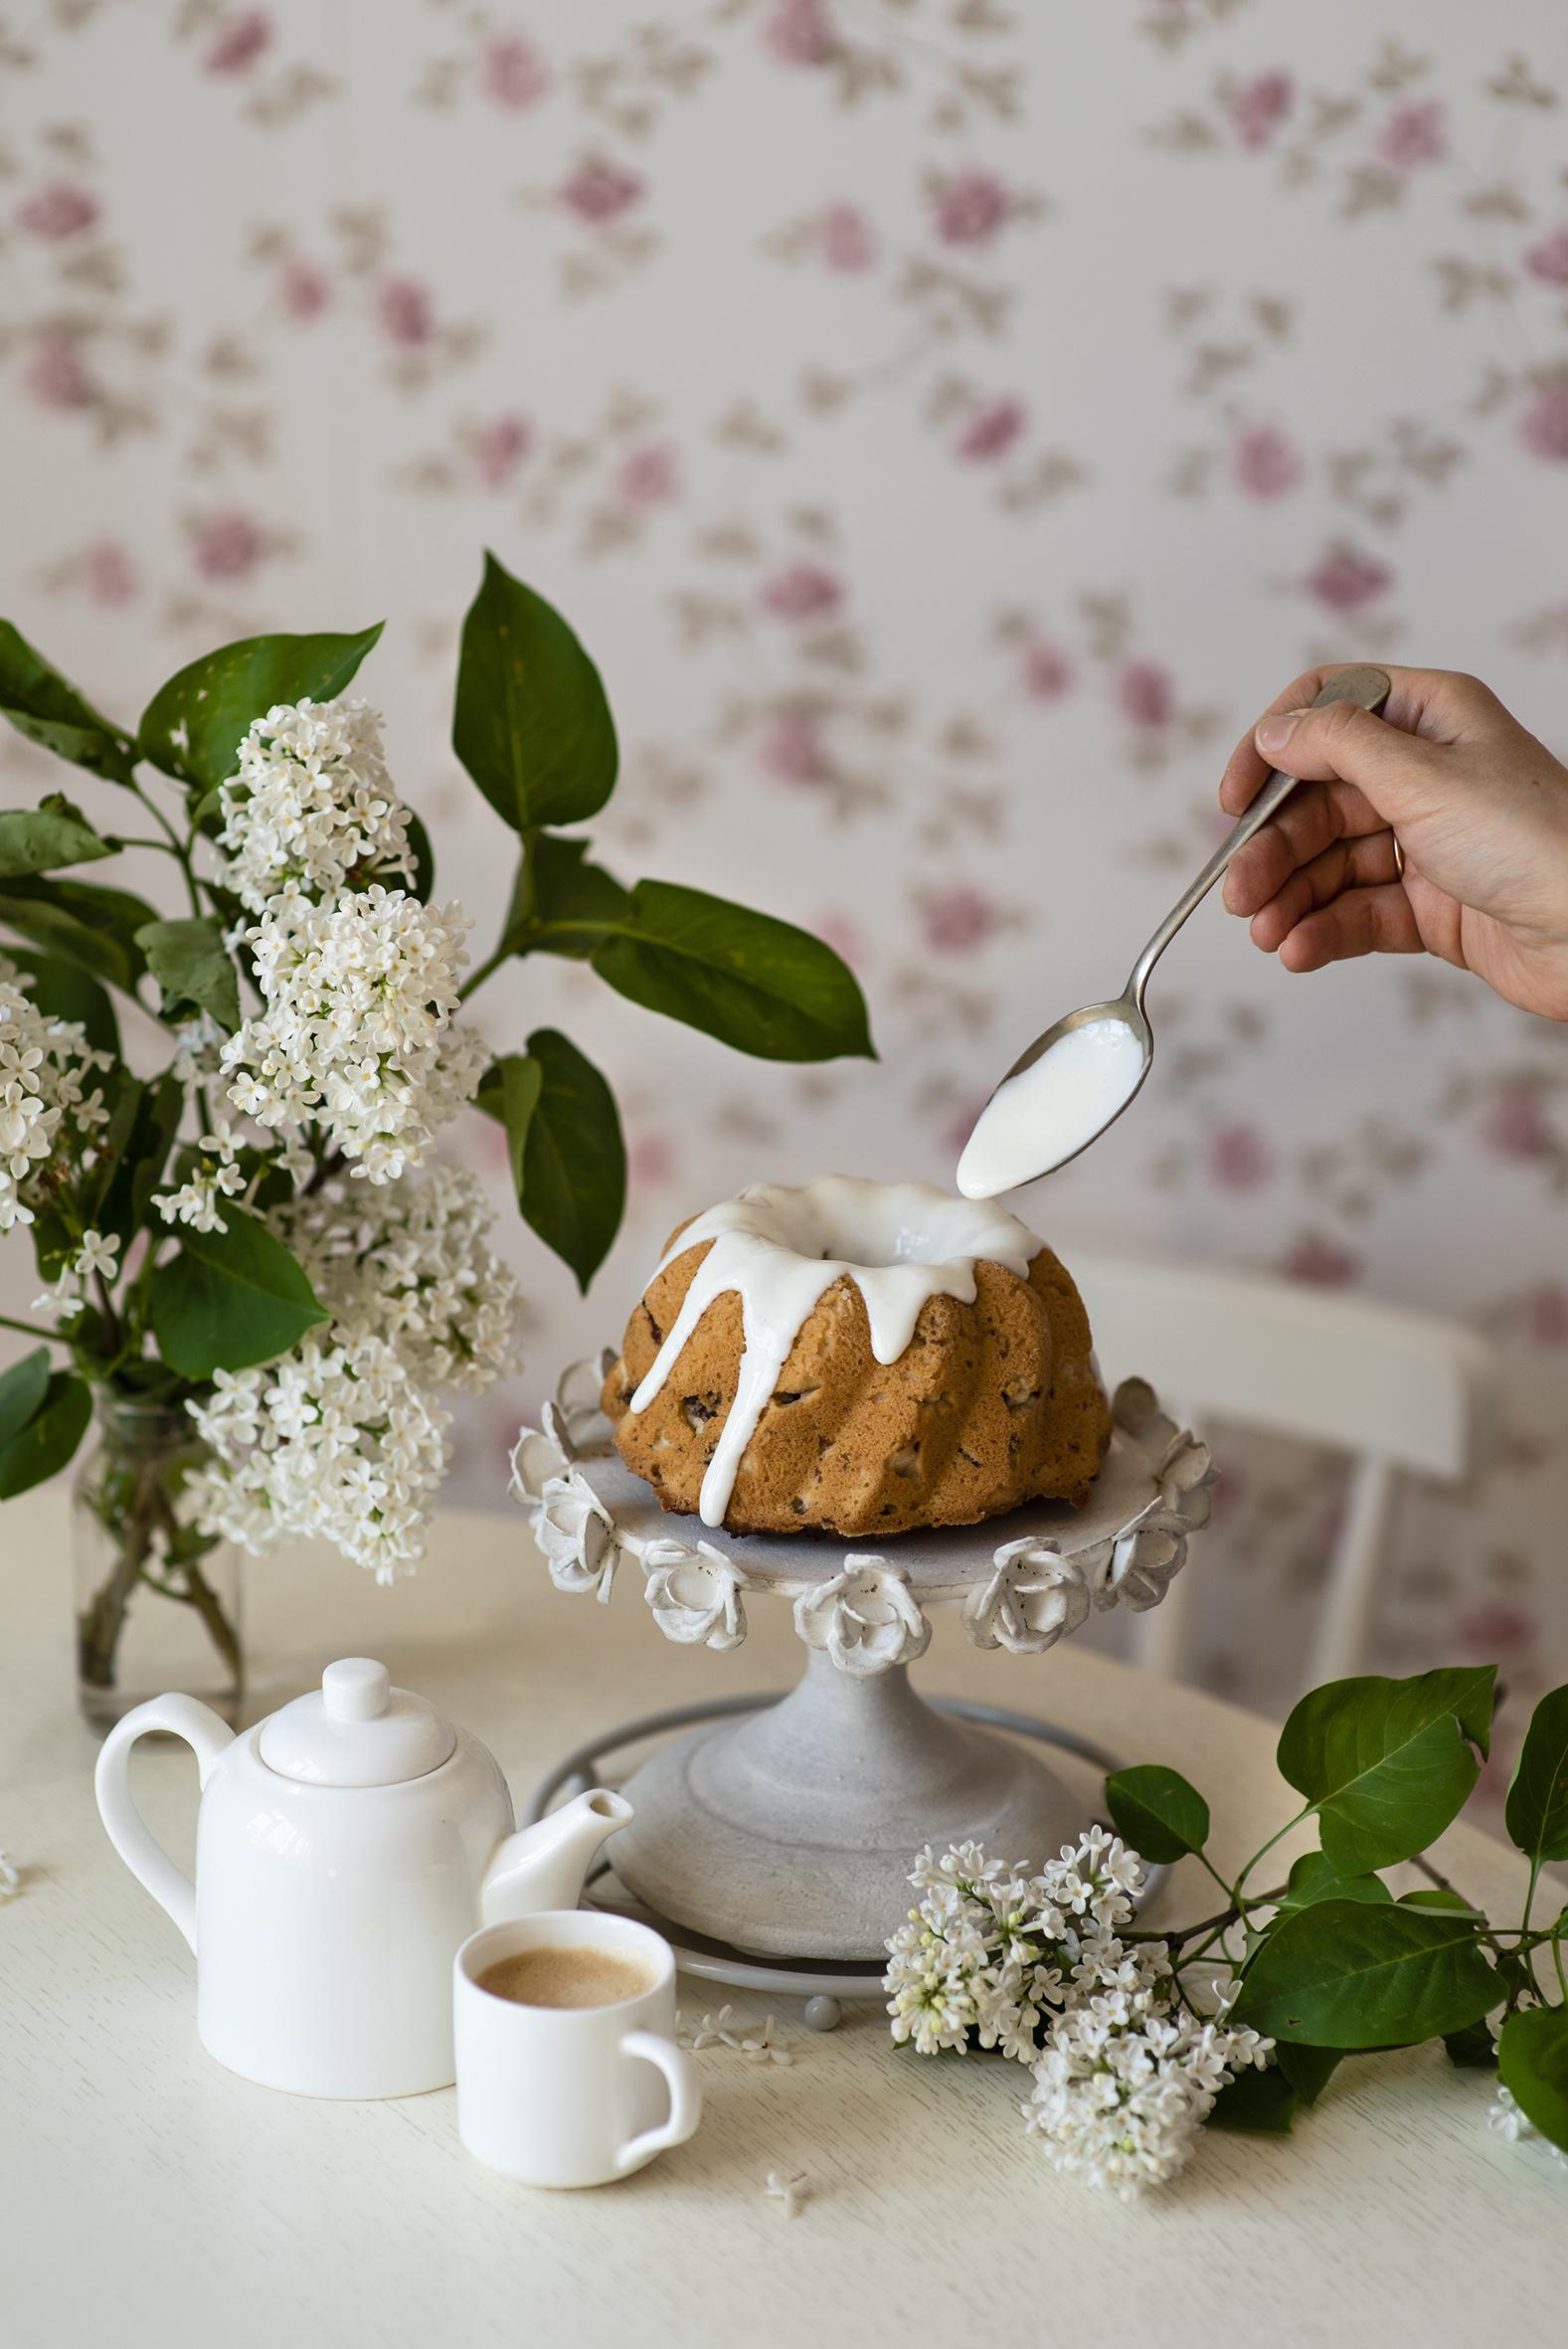 Desktop Hintergrundbilder Keks Kaffee Blumen Flieder Becher Löffel das Essen  für Handy Blüte Syringa Lebensmittel